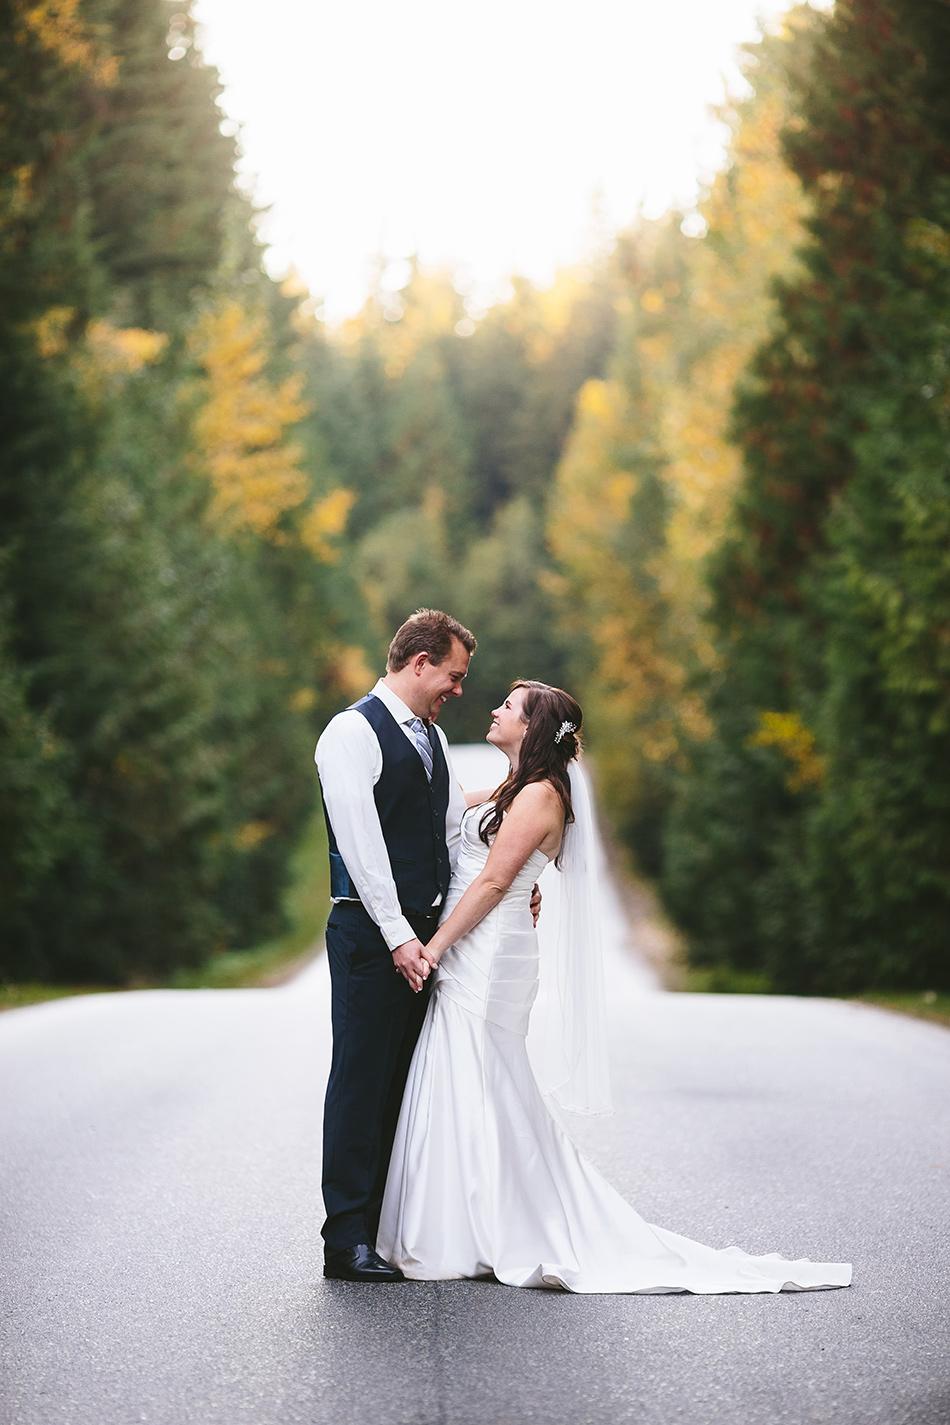 Fall Wedding Portrait on Road